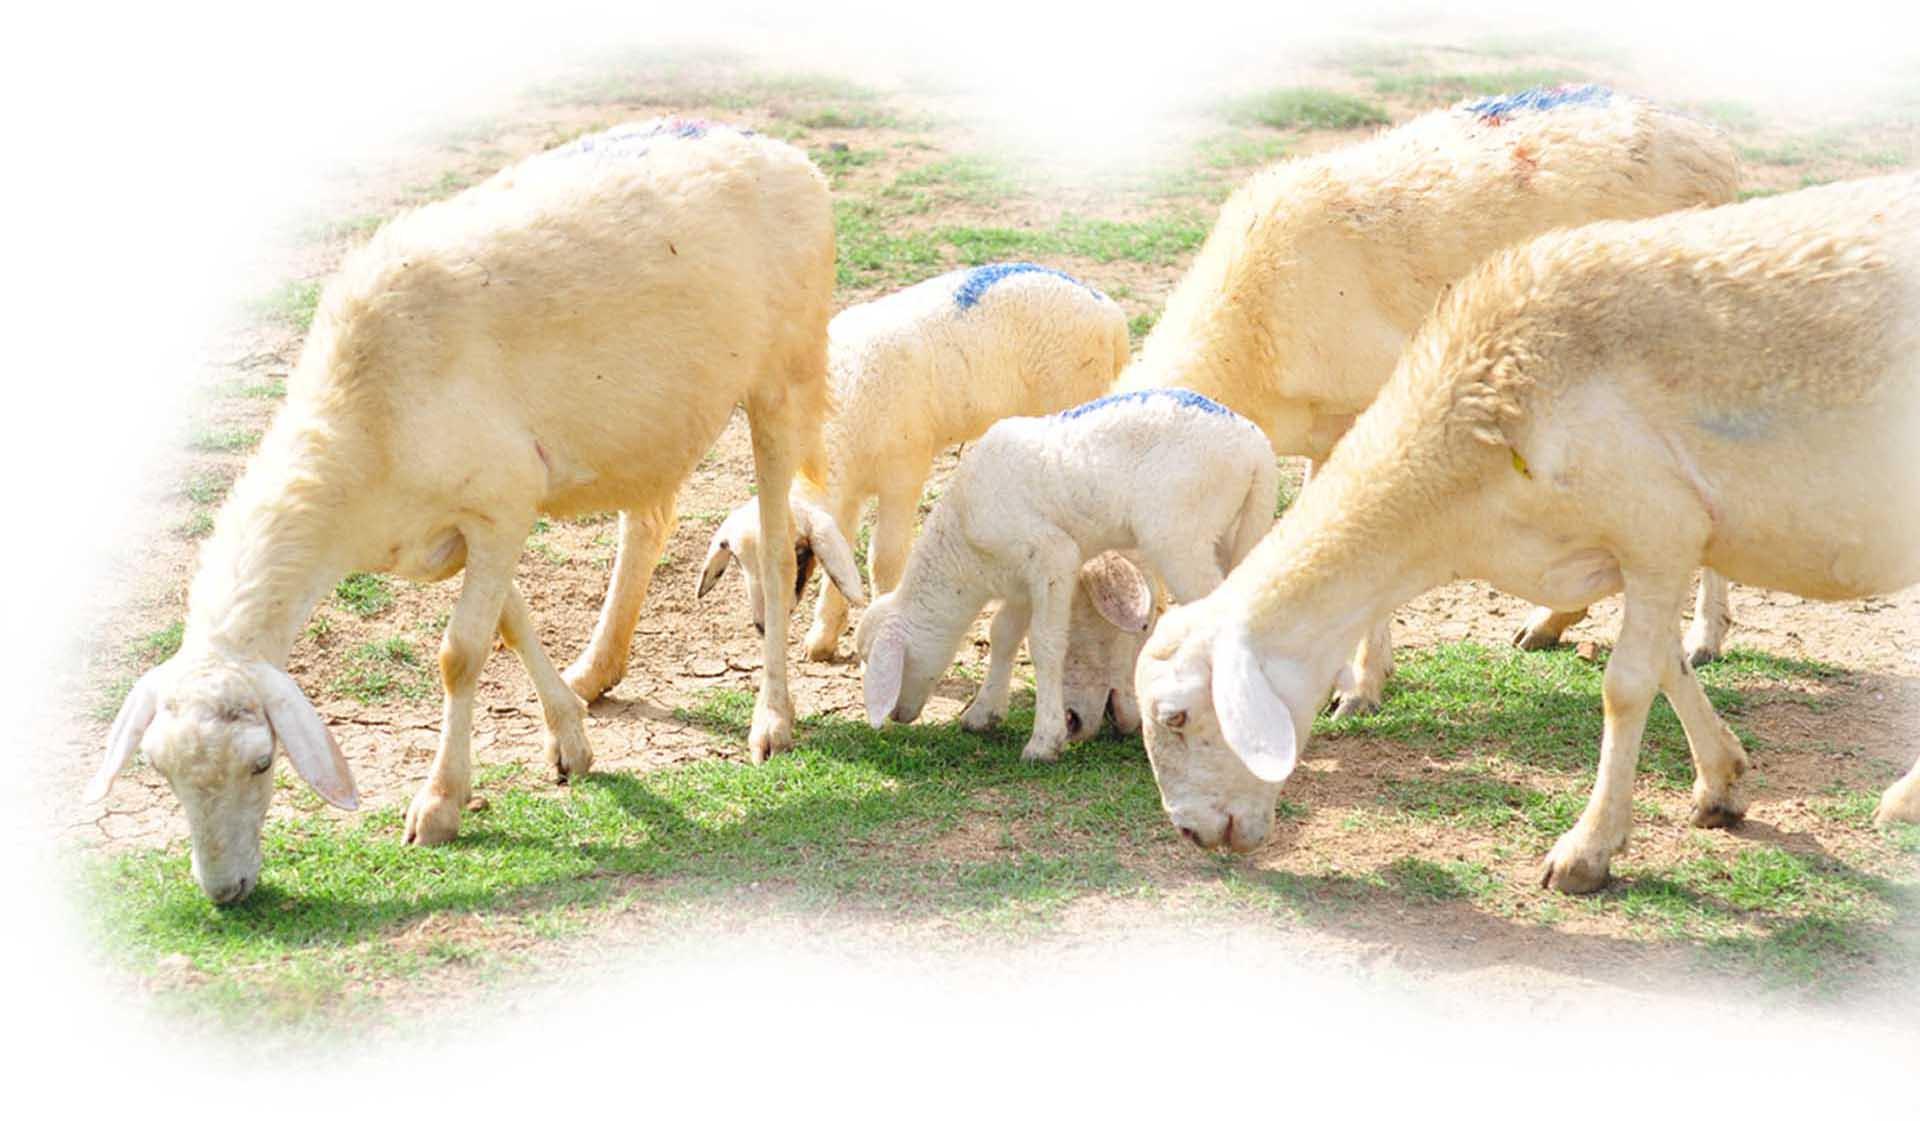 Nhiều tỉnh đã nuôi được cừu, nhưng nuôi bán thịt thì chỉ có tỉnh nào? - Ảnh 13.